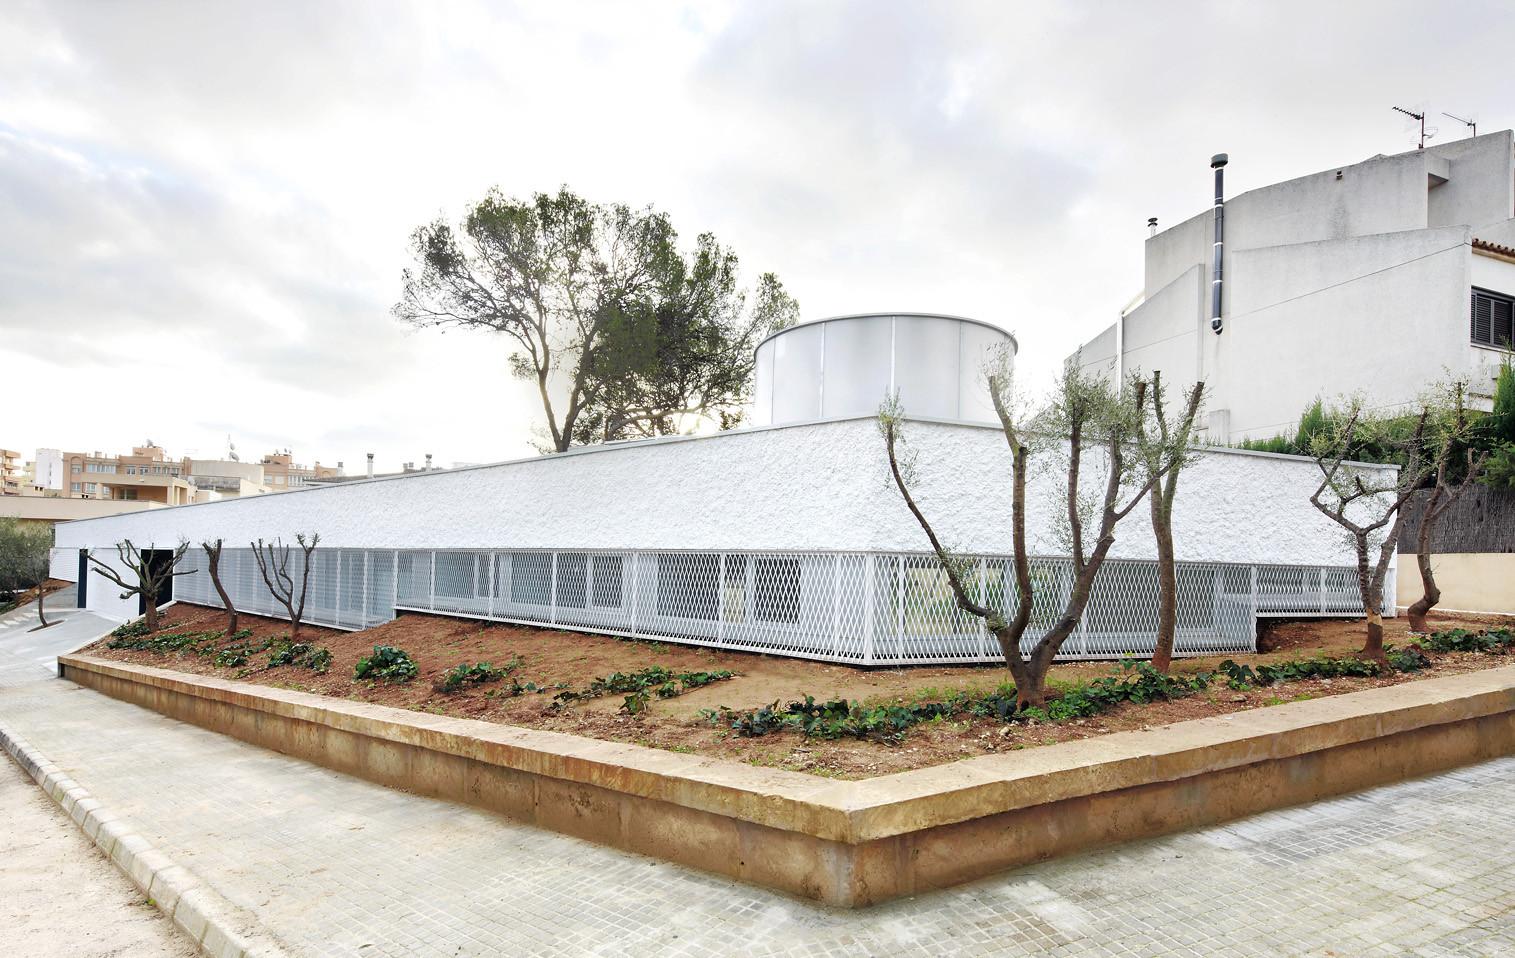 Palma de mallorca tag plataforma arquitectura - Arquitectos en mallorca ...